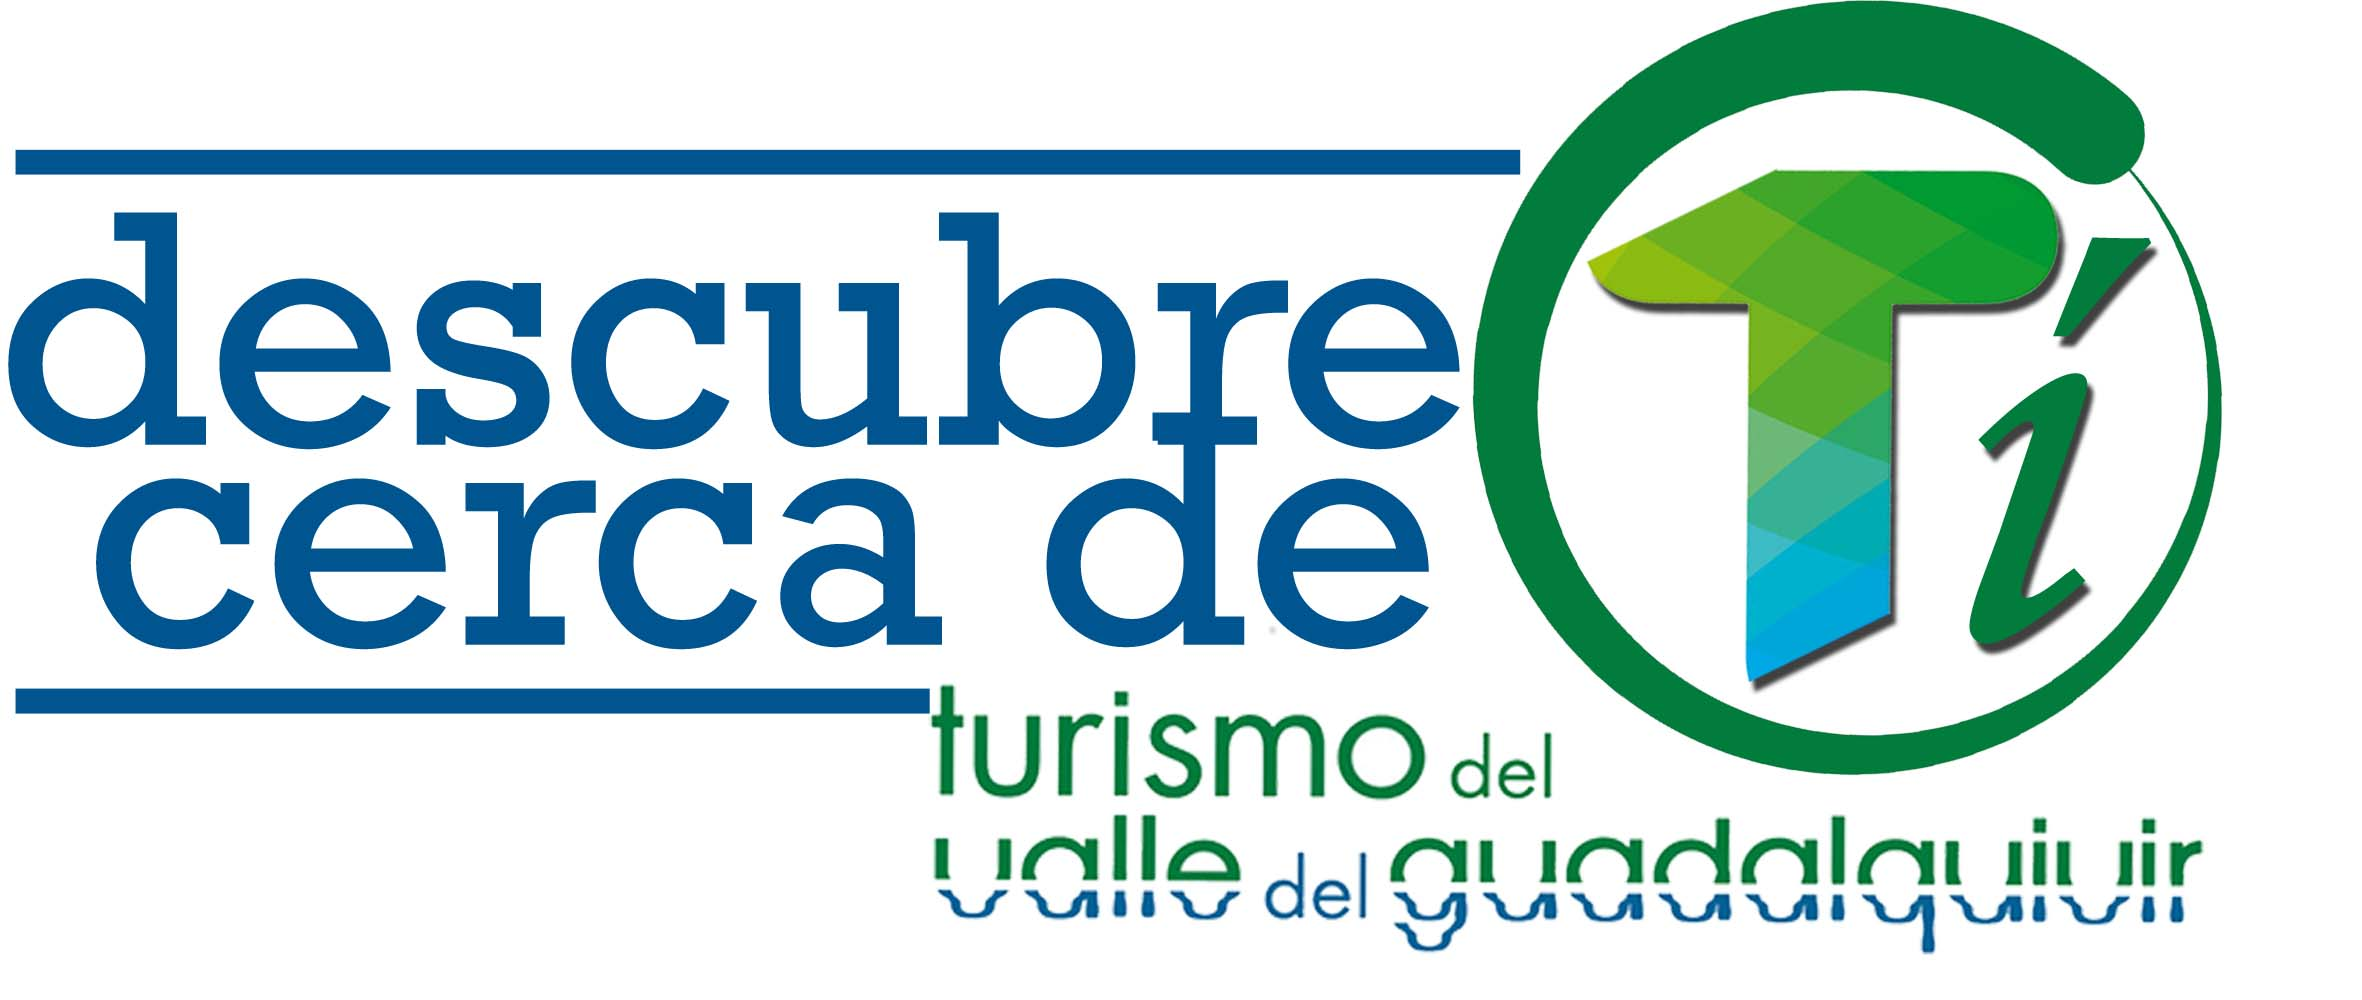 Enlace a turismo del valle del Guadalquivir